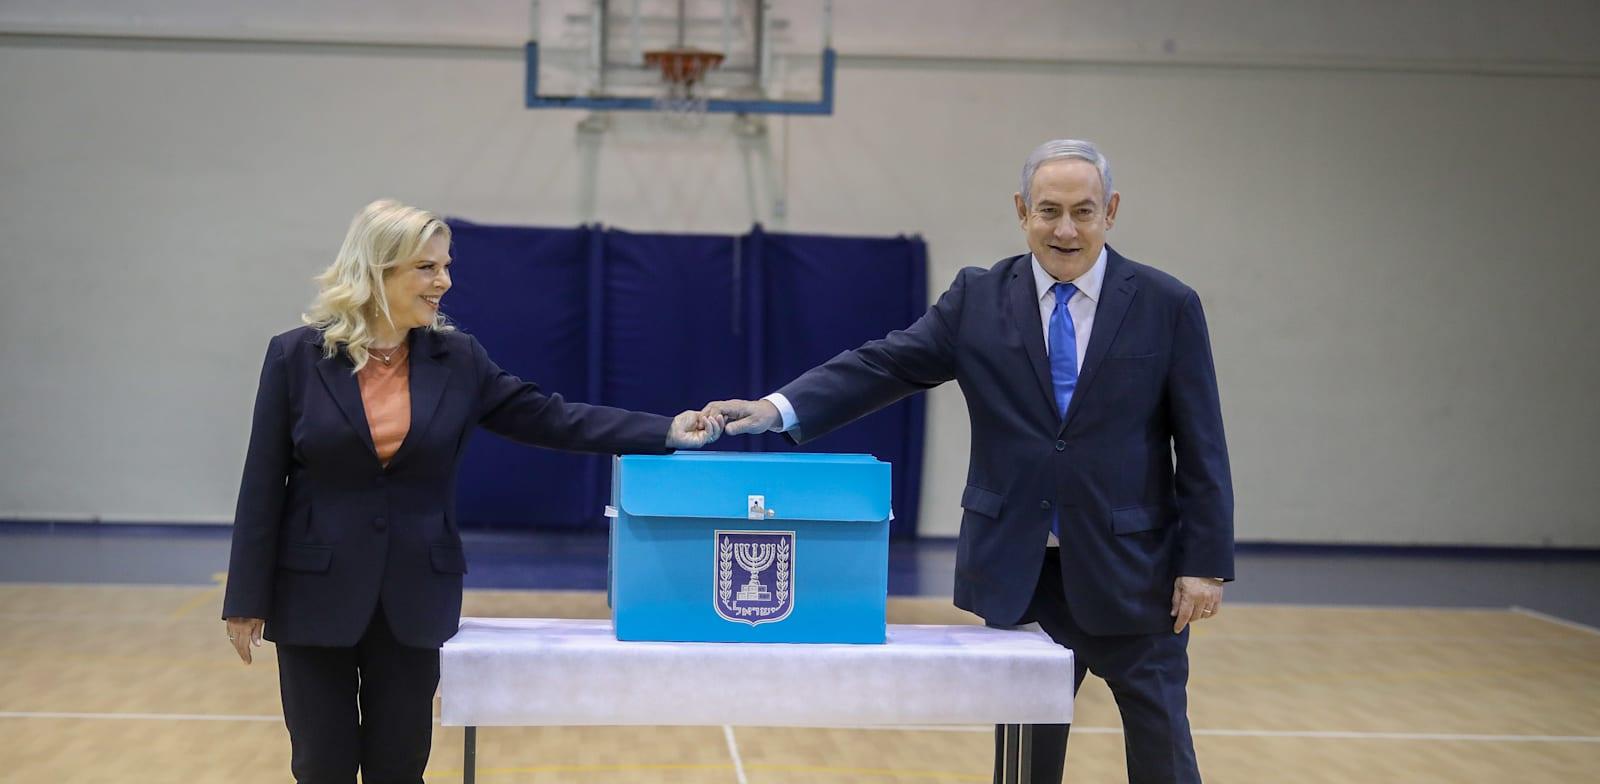 """בנימין ושרה נתניהו מצביעים בקלפי ביום הבחירות / צילום: מארק ישראל סלם, """"ג'רוזלם פוסט"""""""